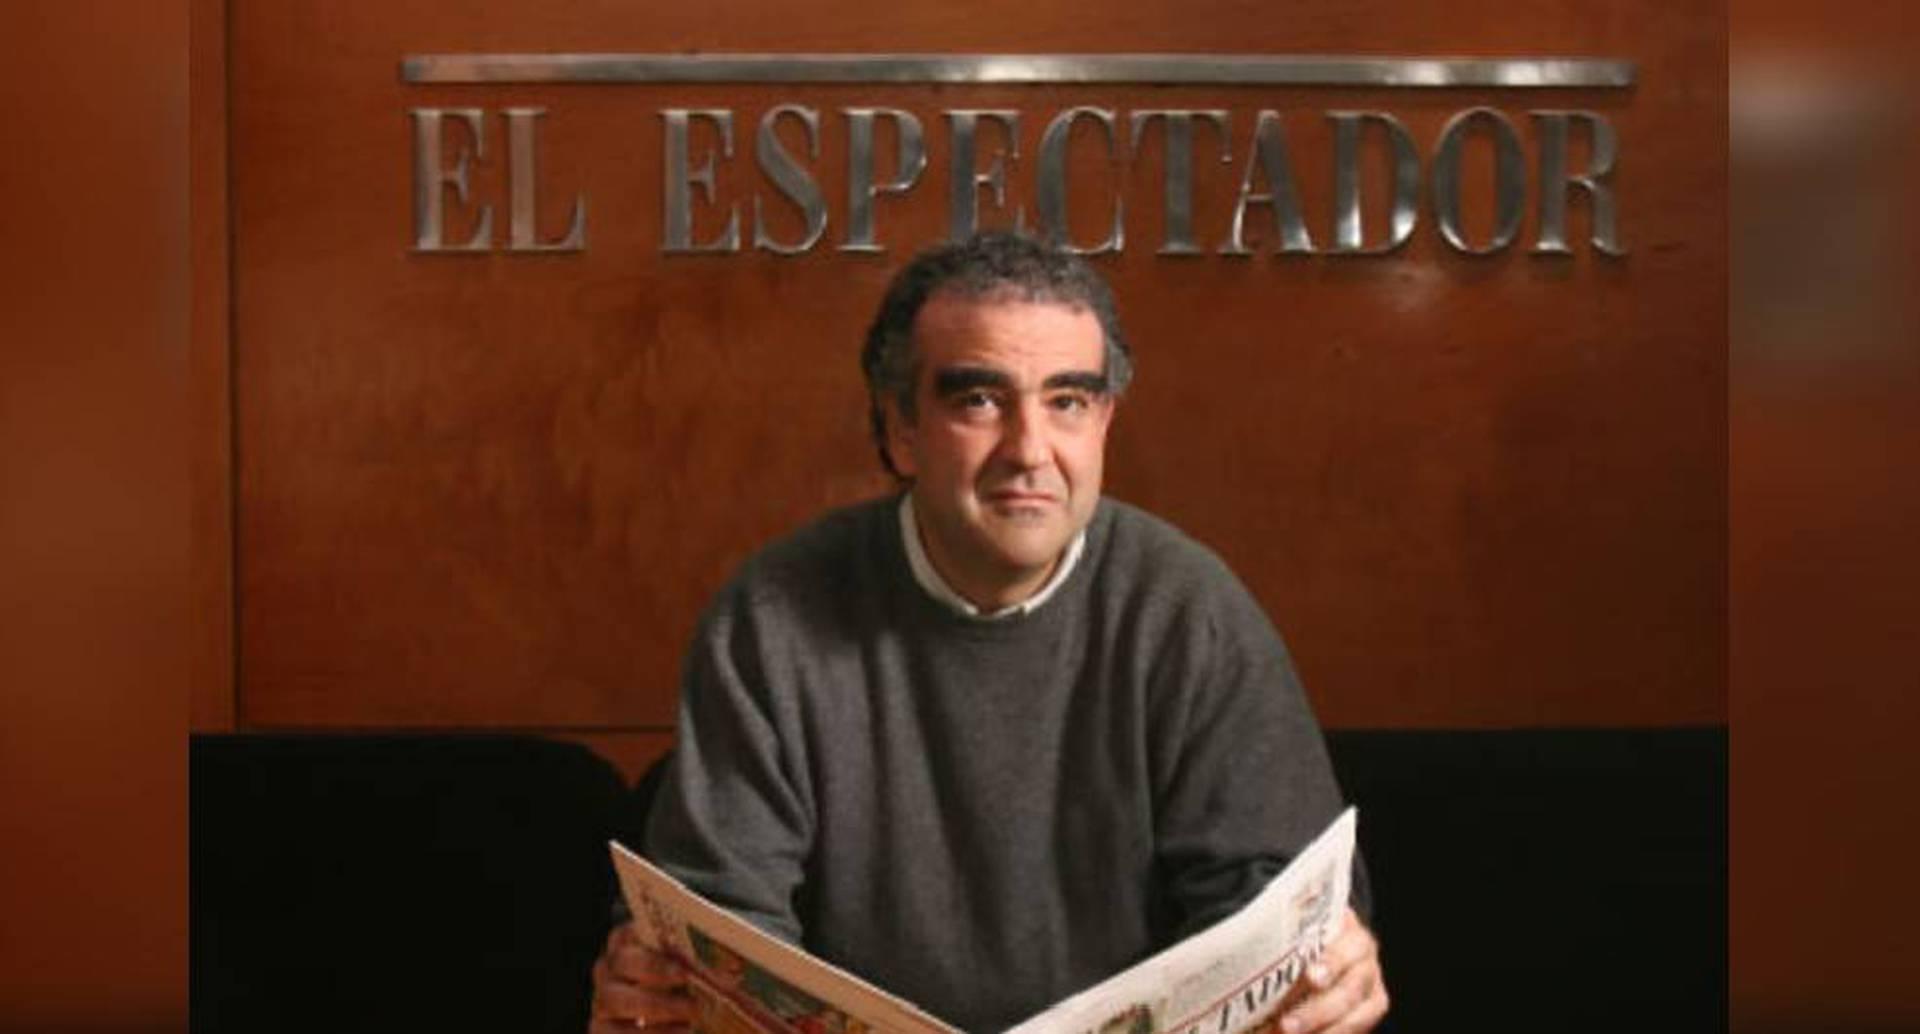 Fidel Cano, director de El Espectador, es miembro de la familia fundadora del periódico.